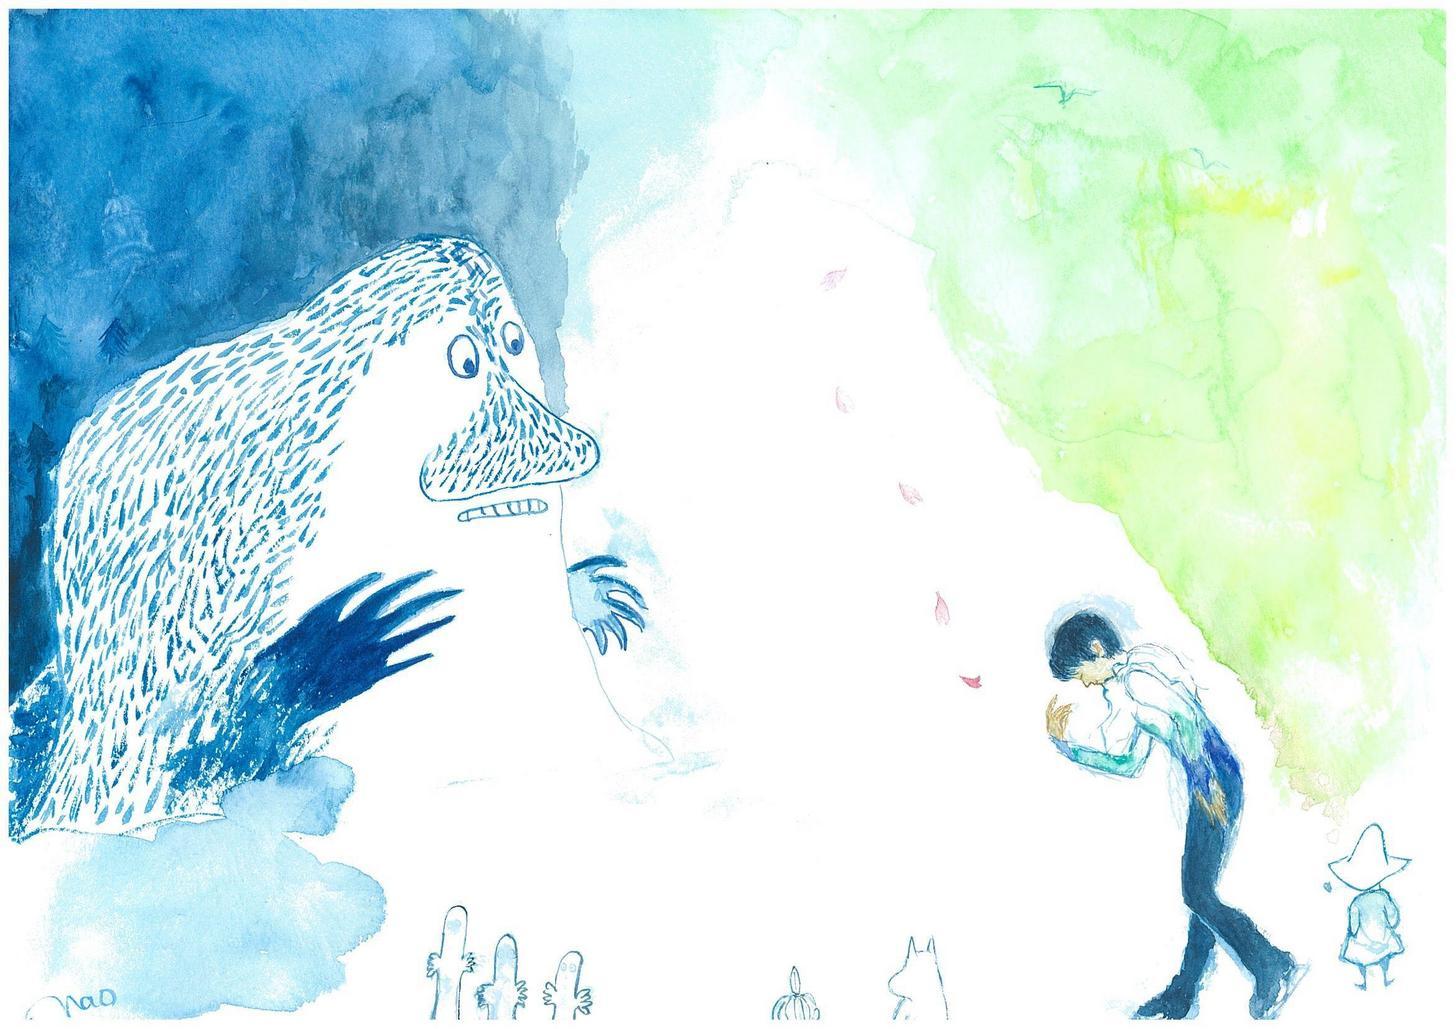 フィンランド大使館主催のイラストコンテストで羽生結弦選手をモデルに描かれた「君は春を連れてきたんだね!」が審査員特別賞を受賞